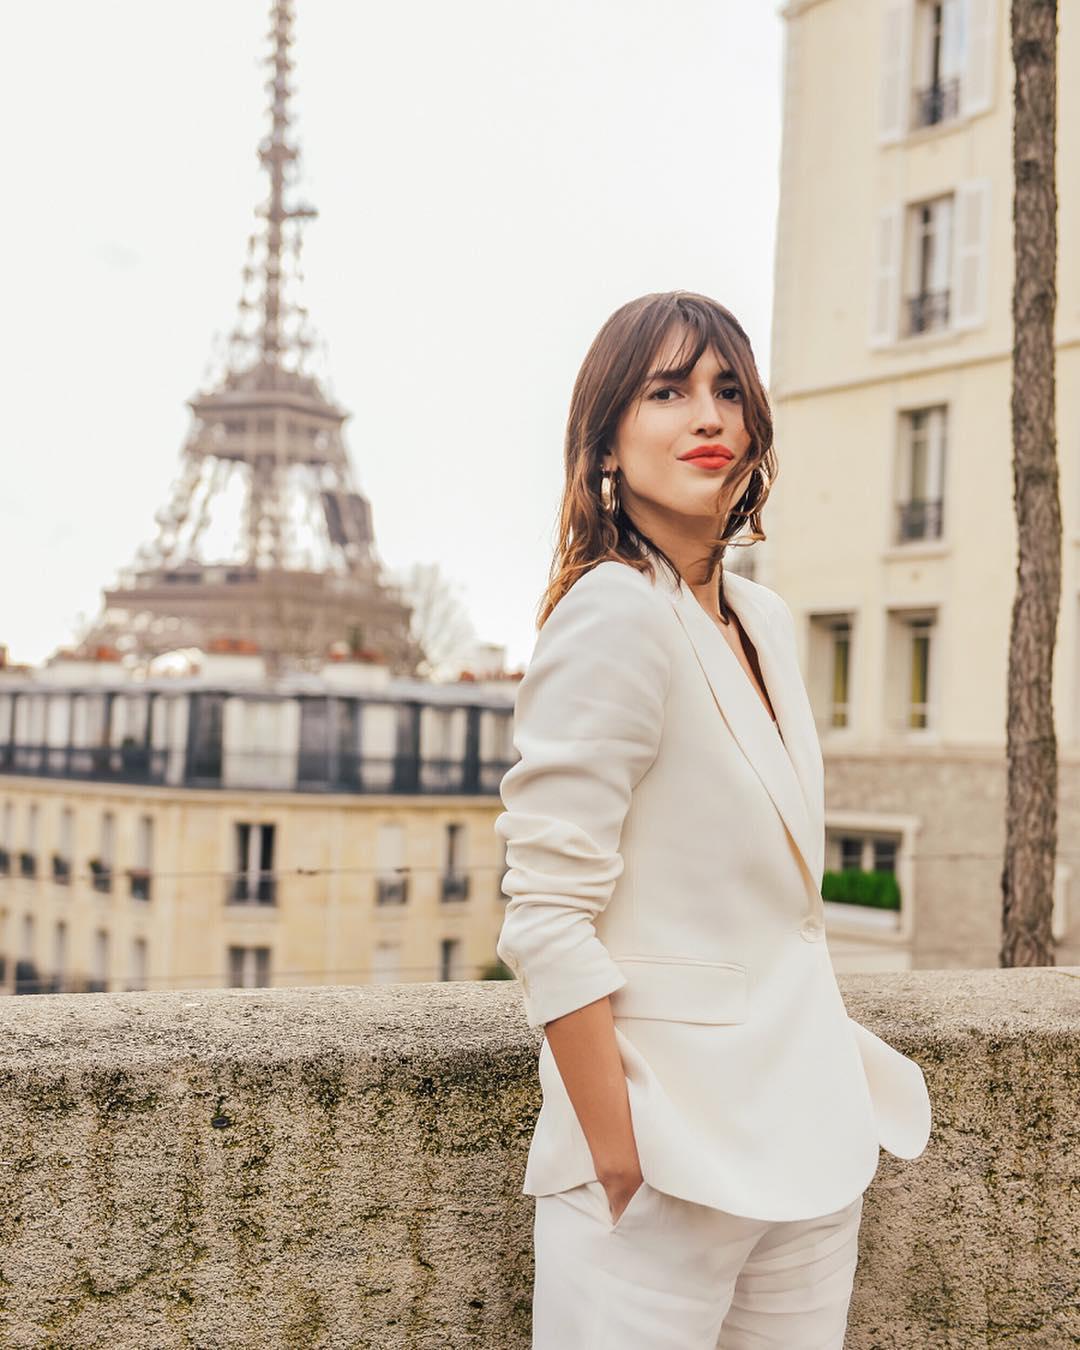 сегодняшний день жены француженки фото этом свитере